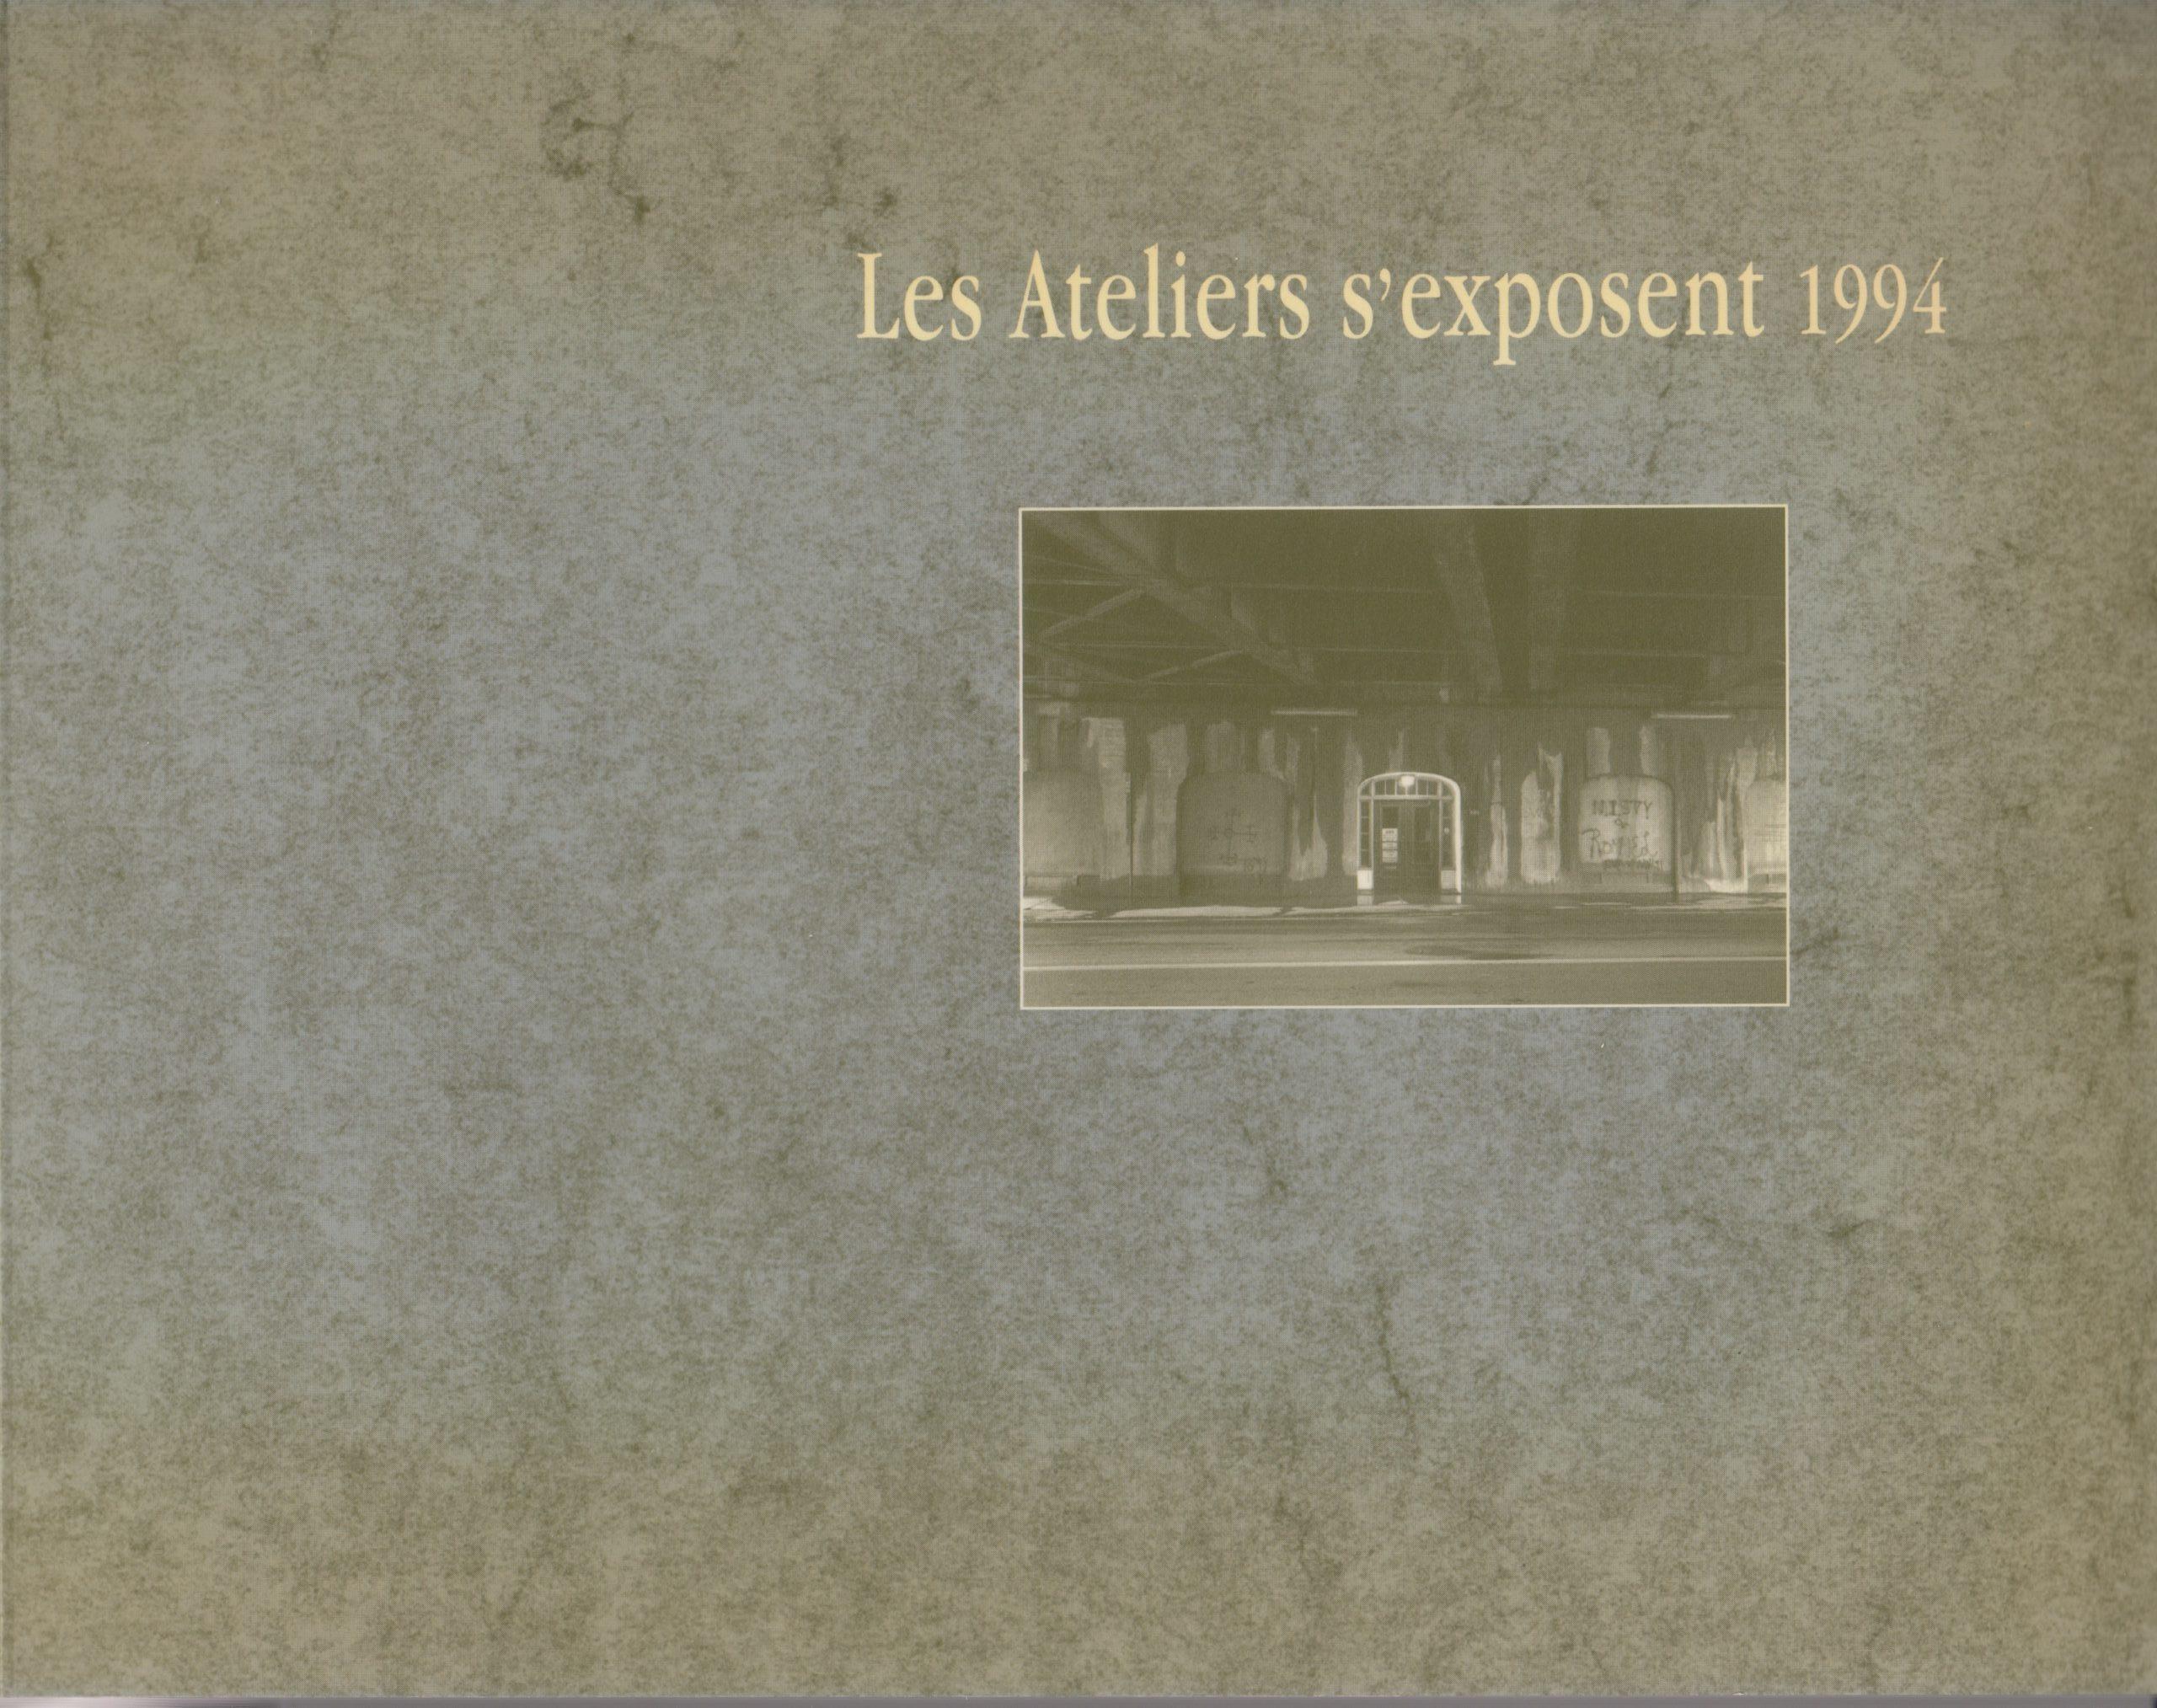 Les Ateliers s'exposent, Marie-Michèle Cron, Gilles Daigneault, Marik Boudreau, 1994